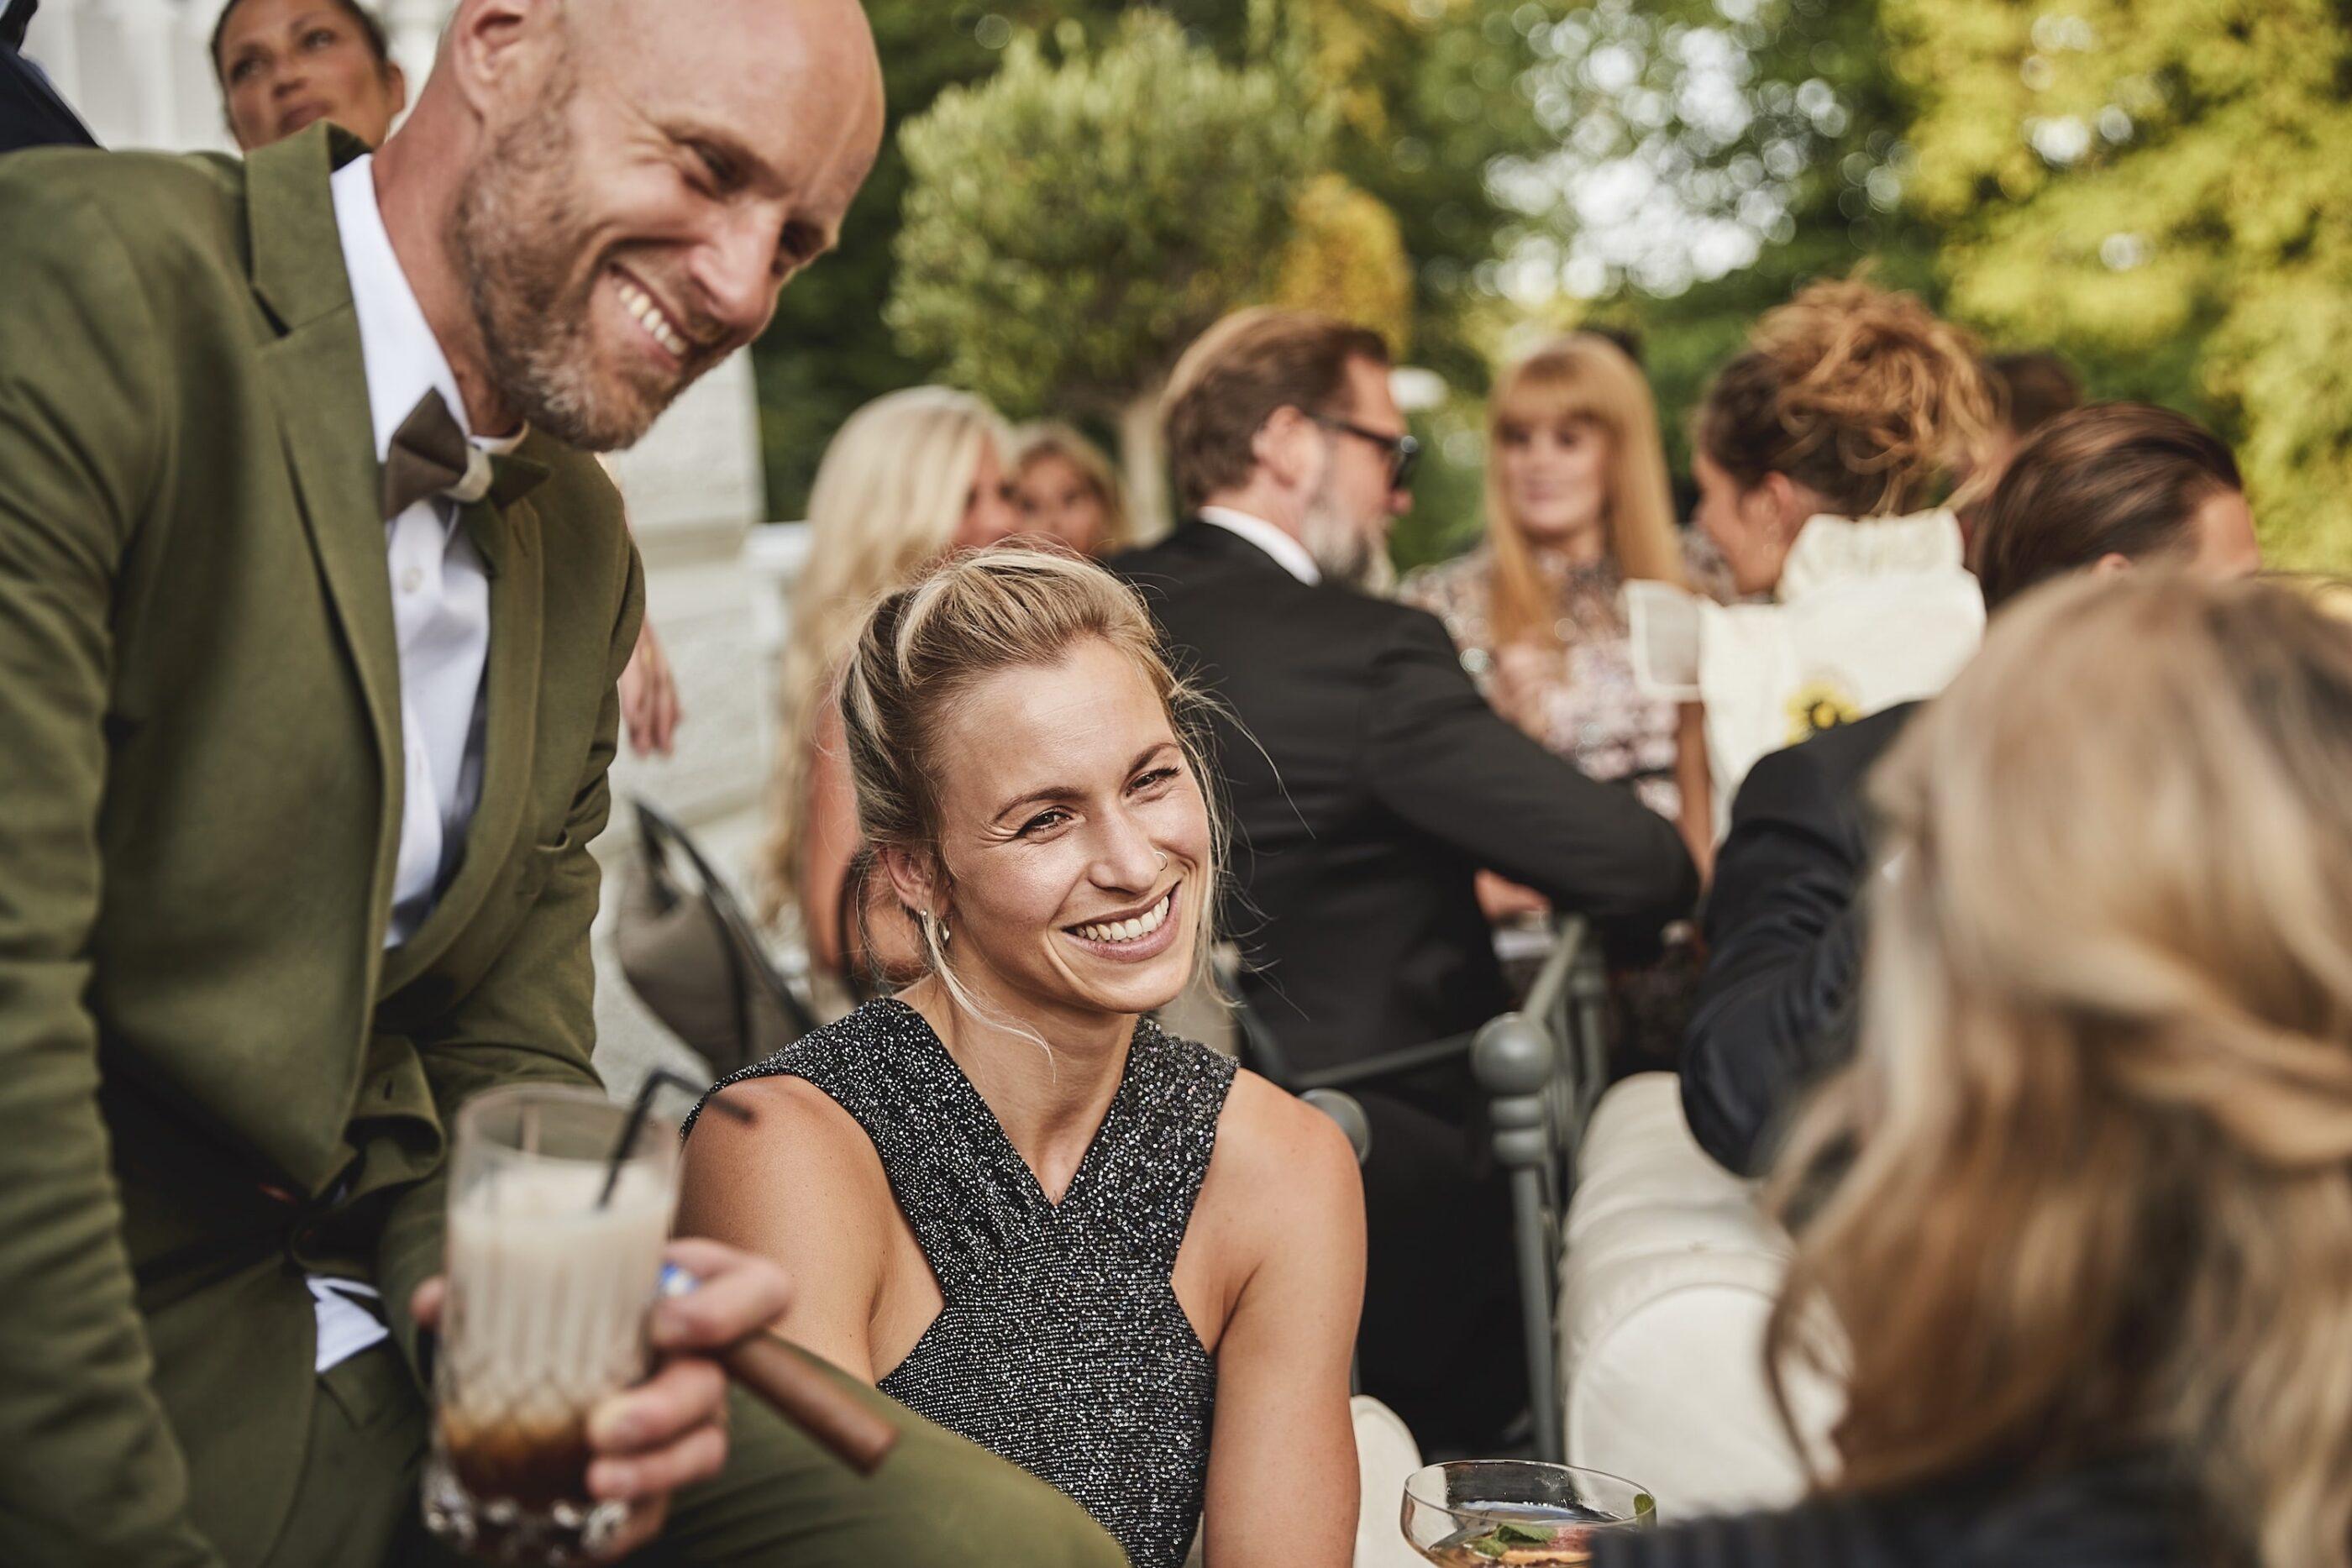 En mand og en kvinde nyder drinks og cigar og smiler udendørs blandt en masse mennesker